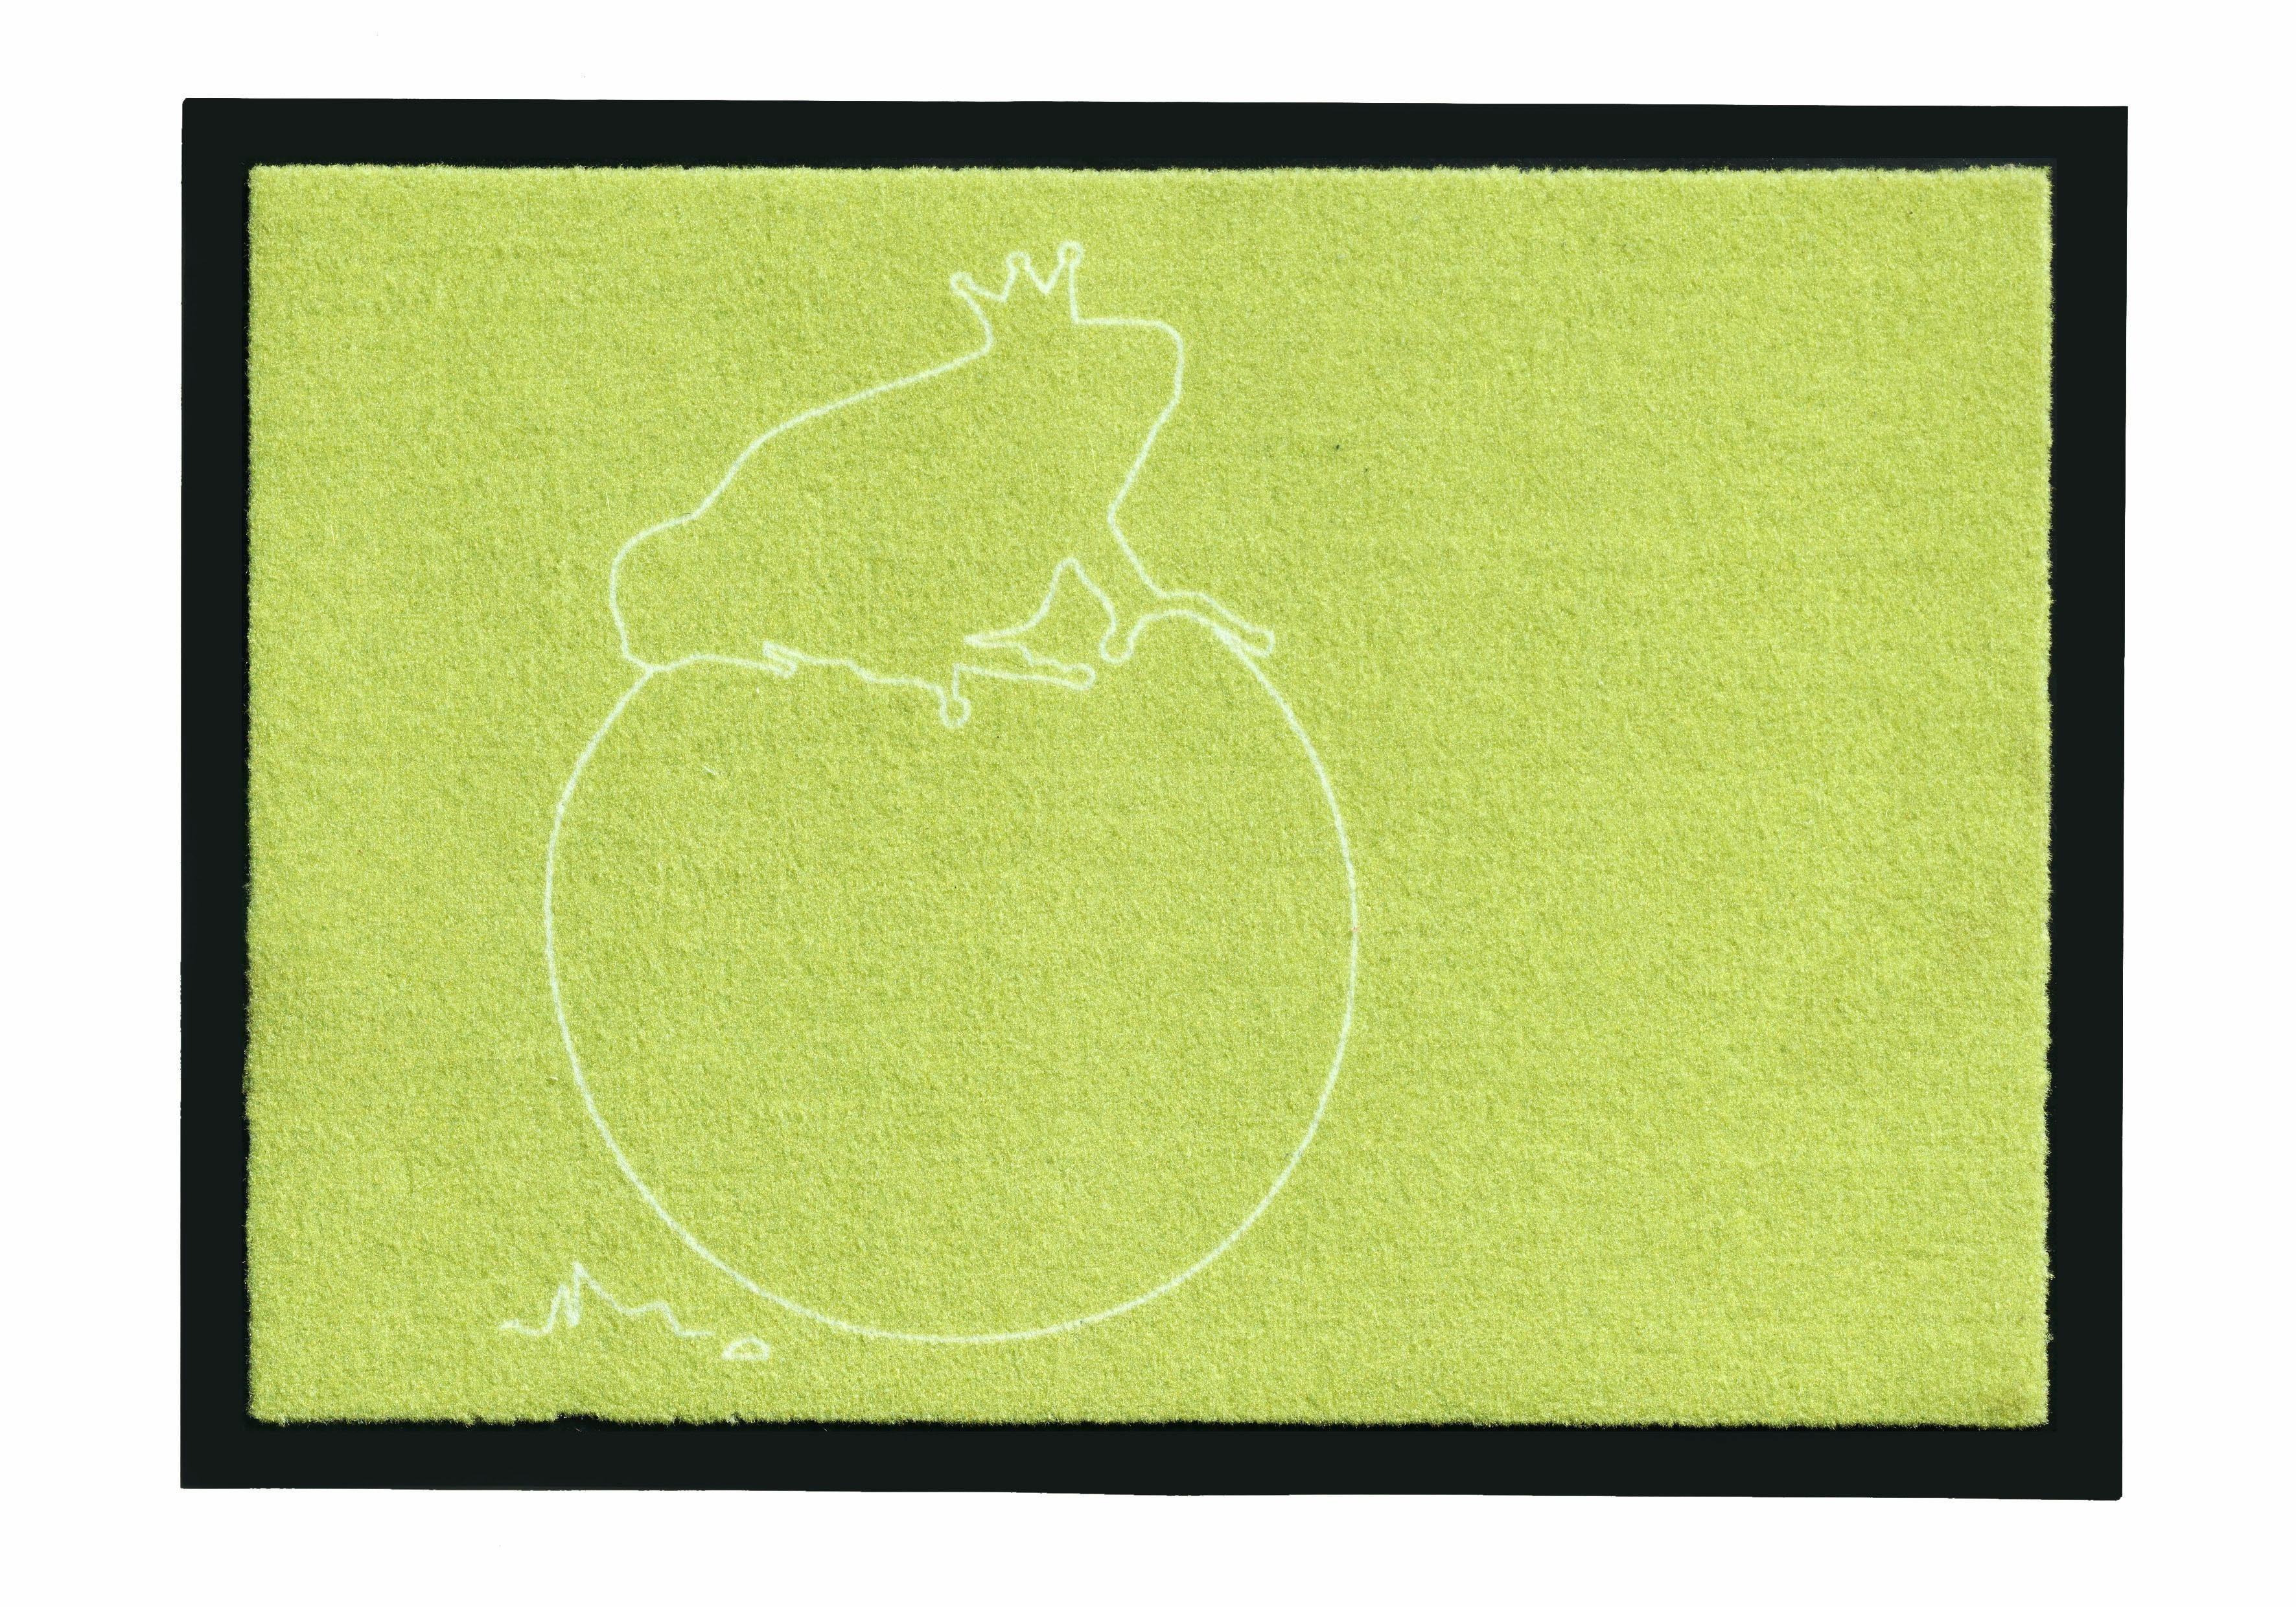 Fußmatte »Märchen 2«, grimmliis, rechteckig, Höhe 2 mm, rutschhemmend beschichtet